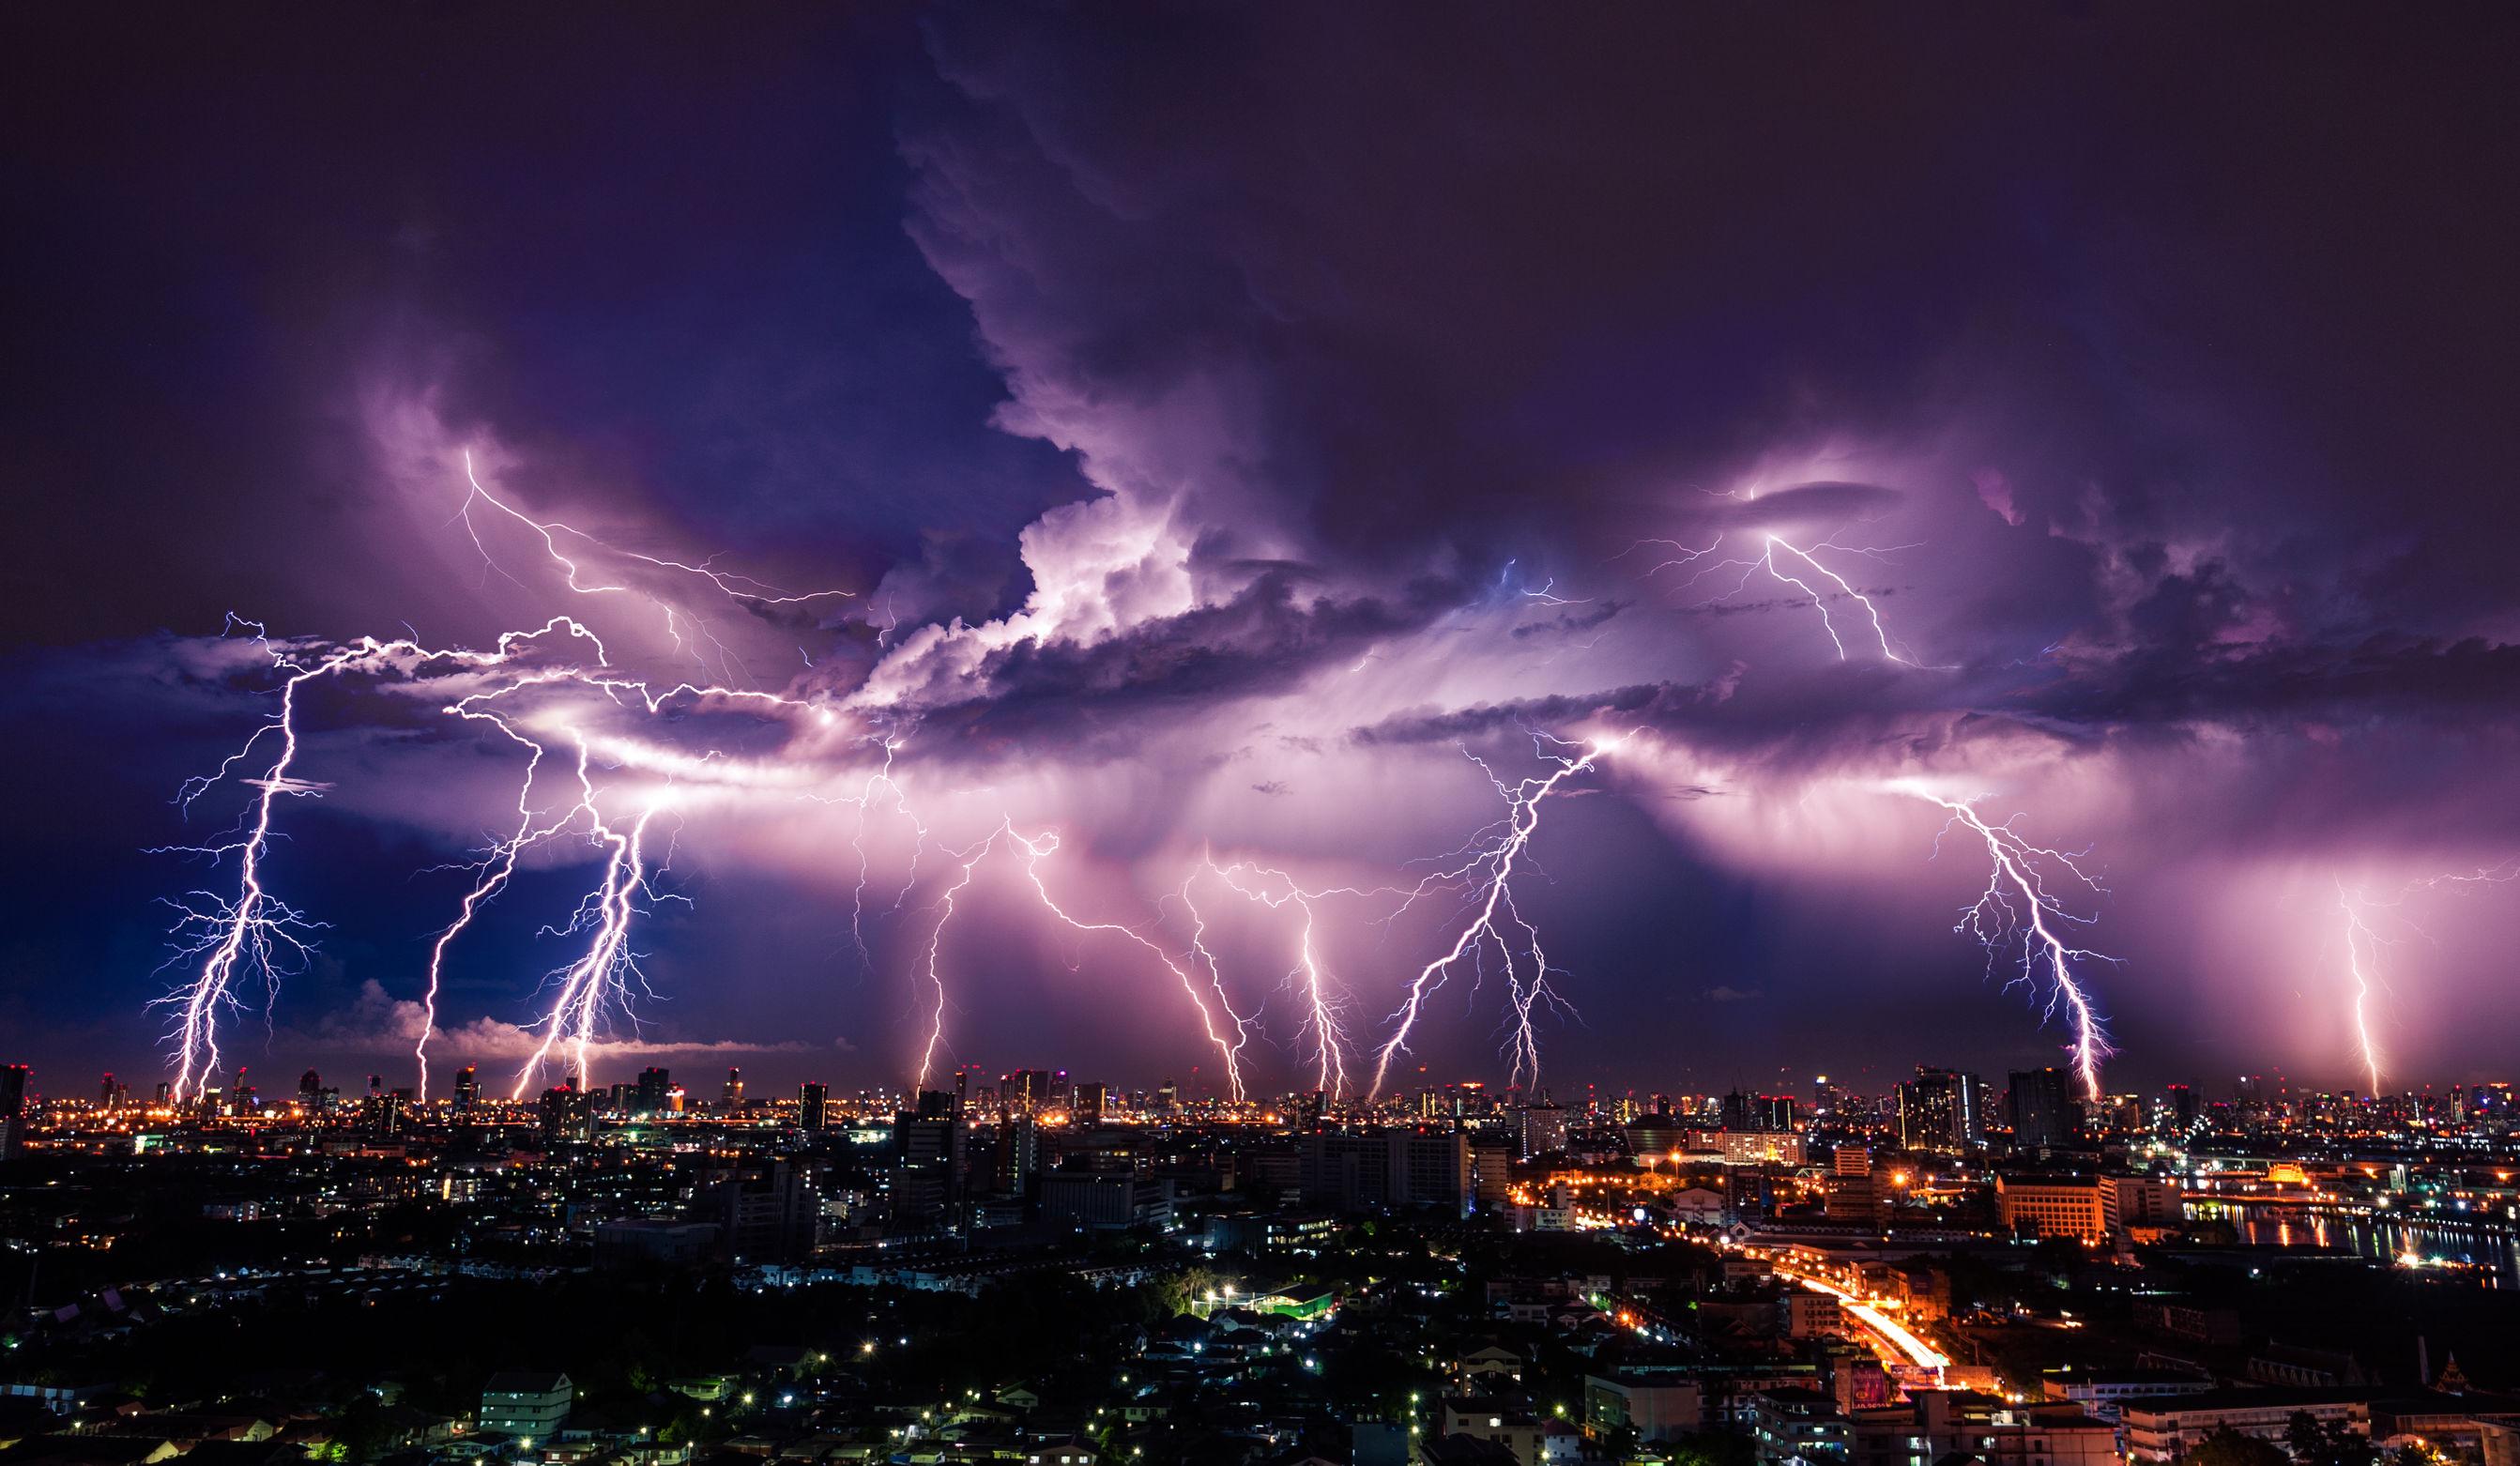 Burza z piorunami nad miastem